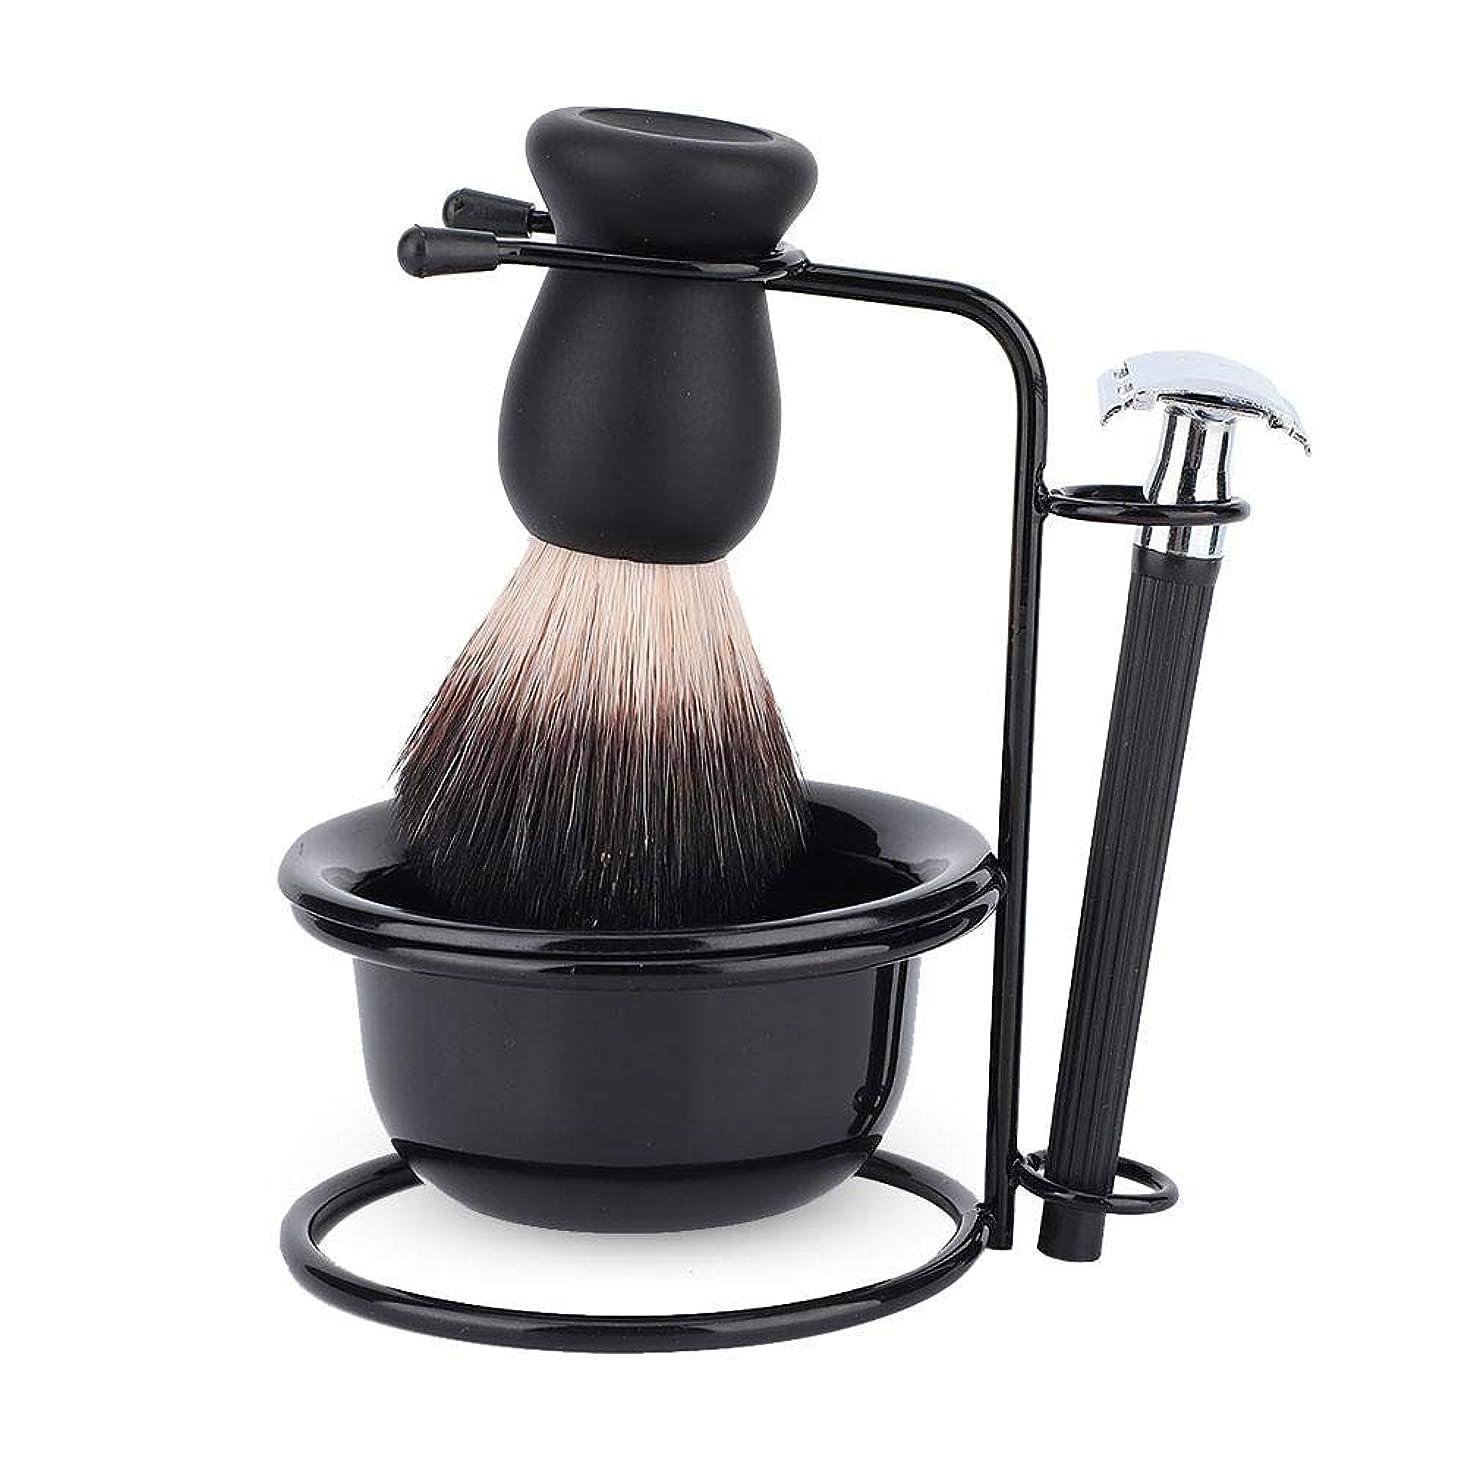 カヌー励起プリーツシェービングブラシセット ホルダー 剃刀 カミソリ プレゼント 洗顔 髭剃り 柔らかい毛 泡立ち メンズ